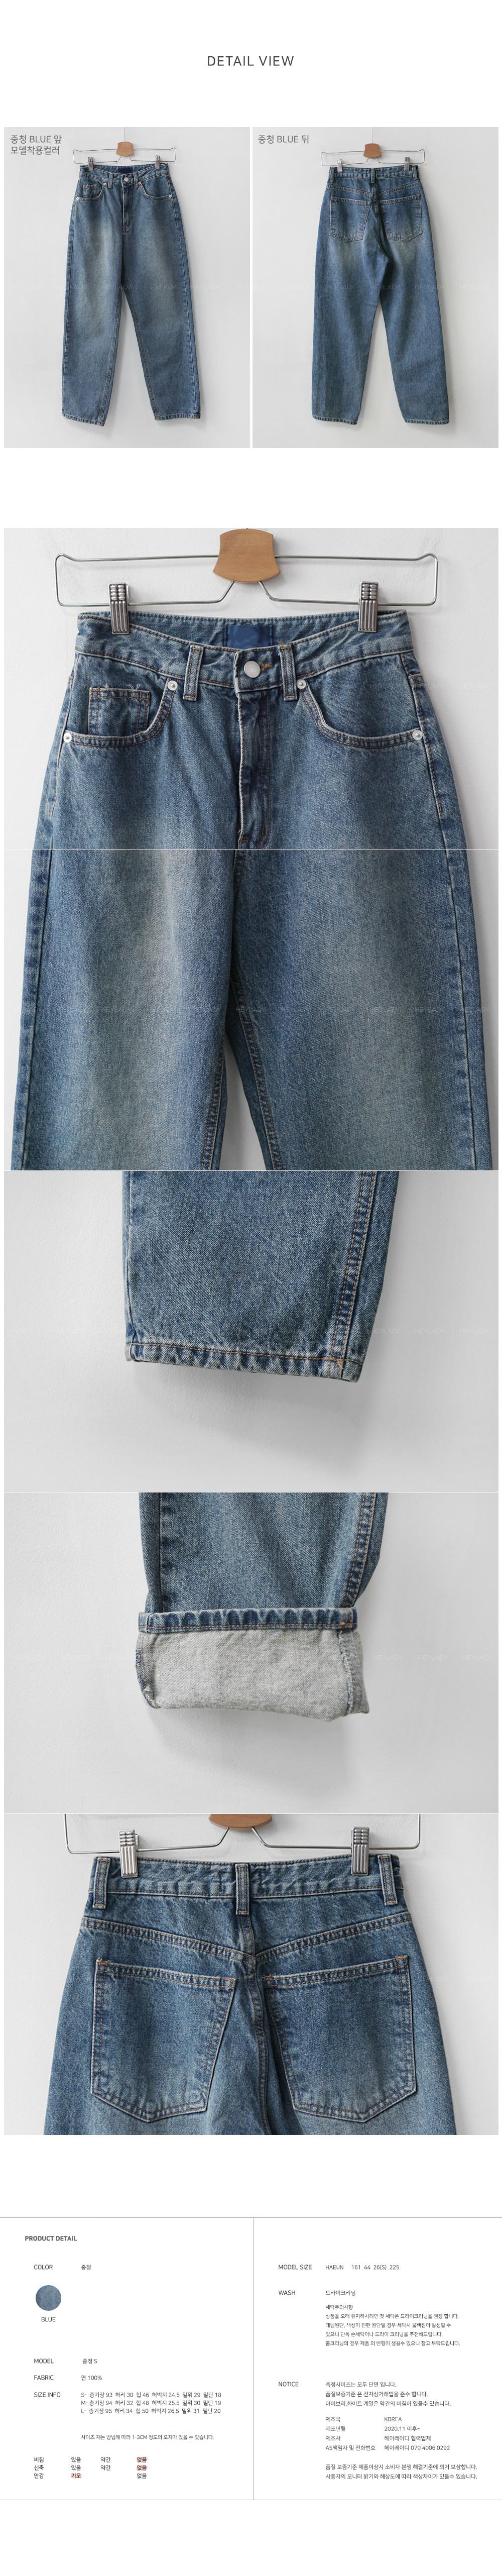 Bunnygle Fleece-lined denim pants